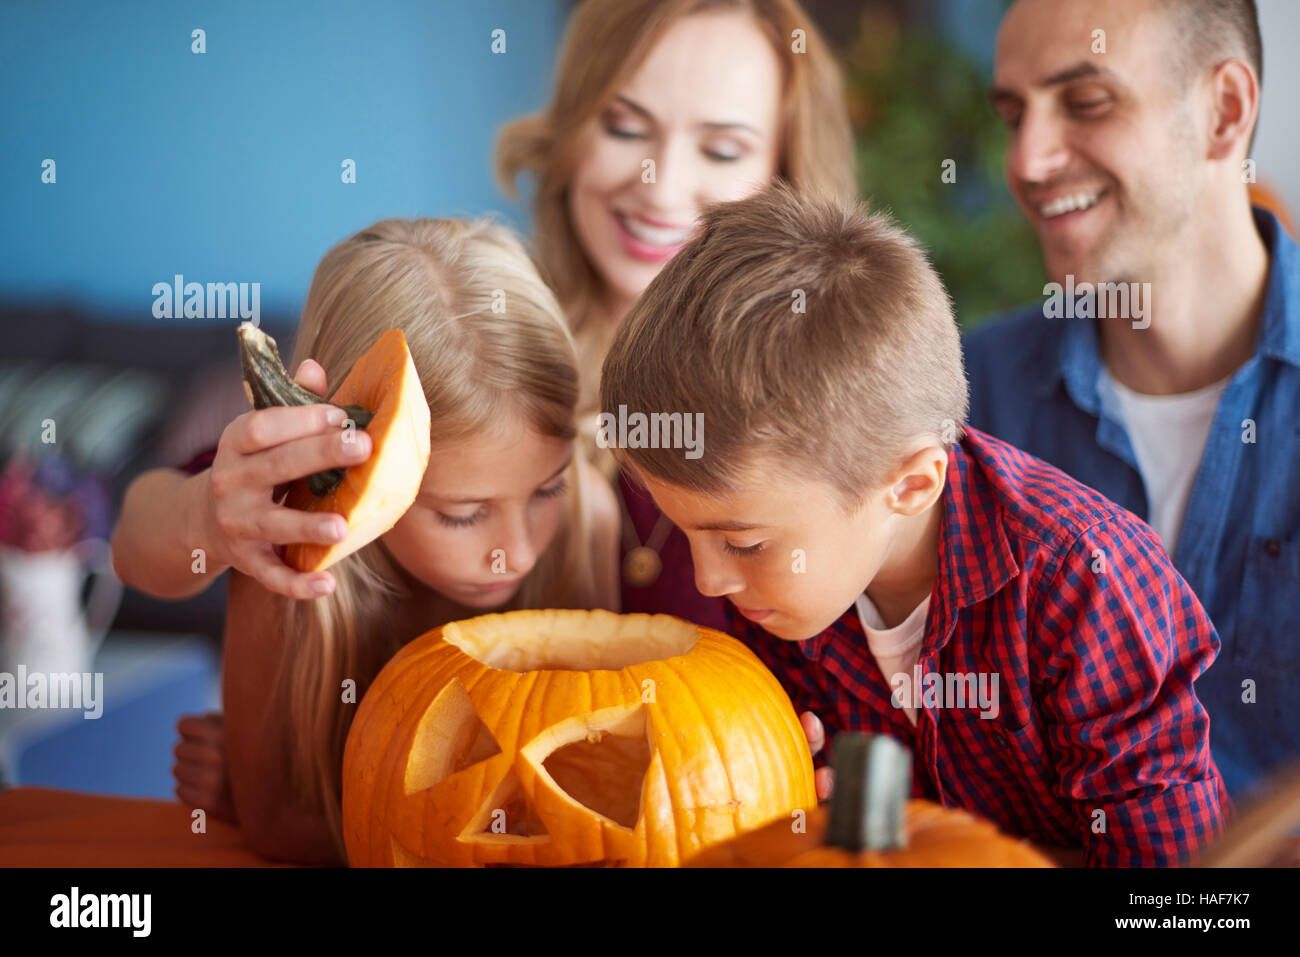 Pumpking percés et les enfants curieux Photo Stock